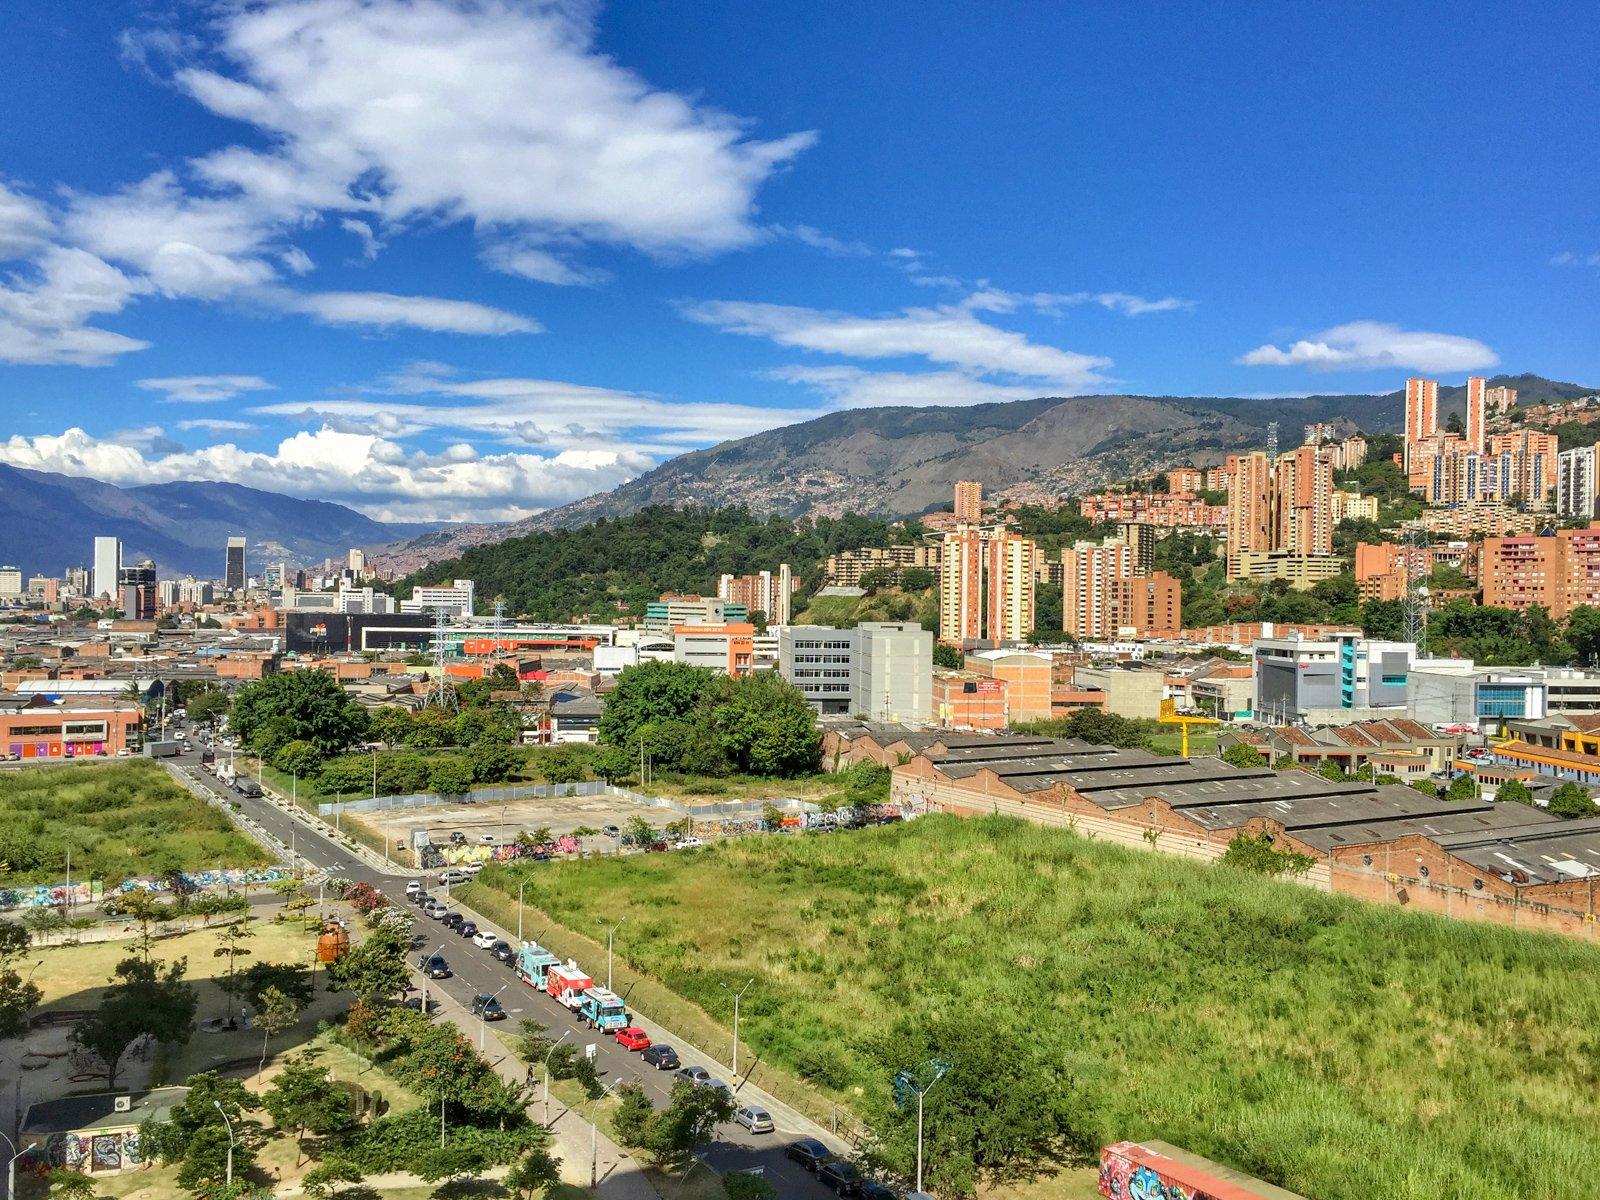 View from my last apartment in Ciudad del Rio, Medellin